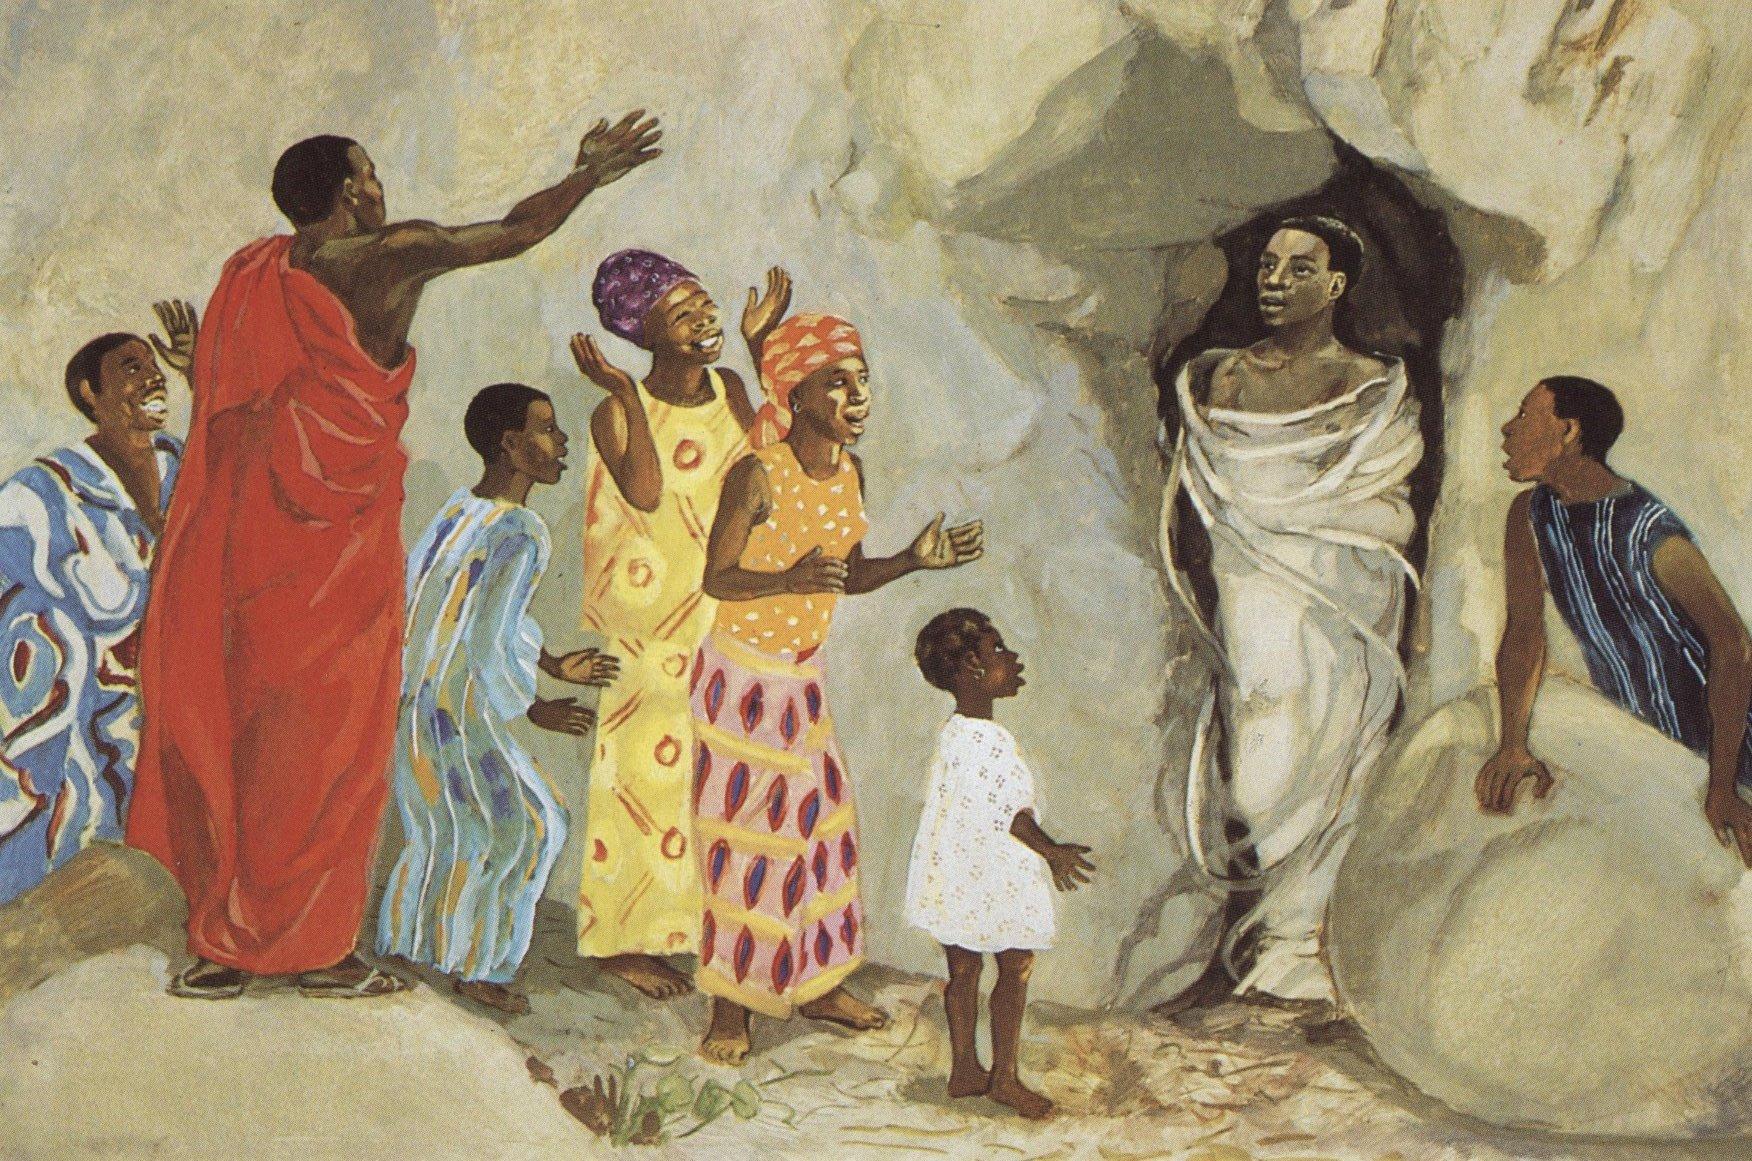 Jesus raises Lazarus to life, painting by Jesus Mafa